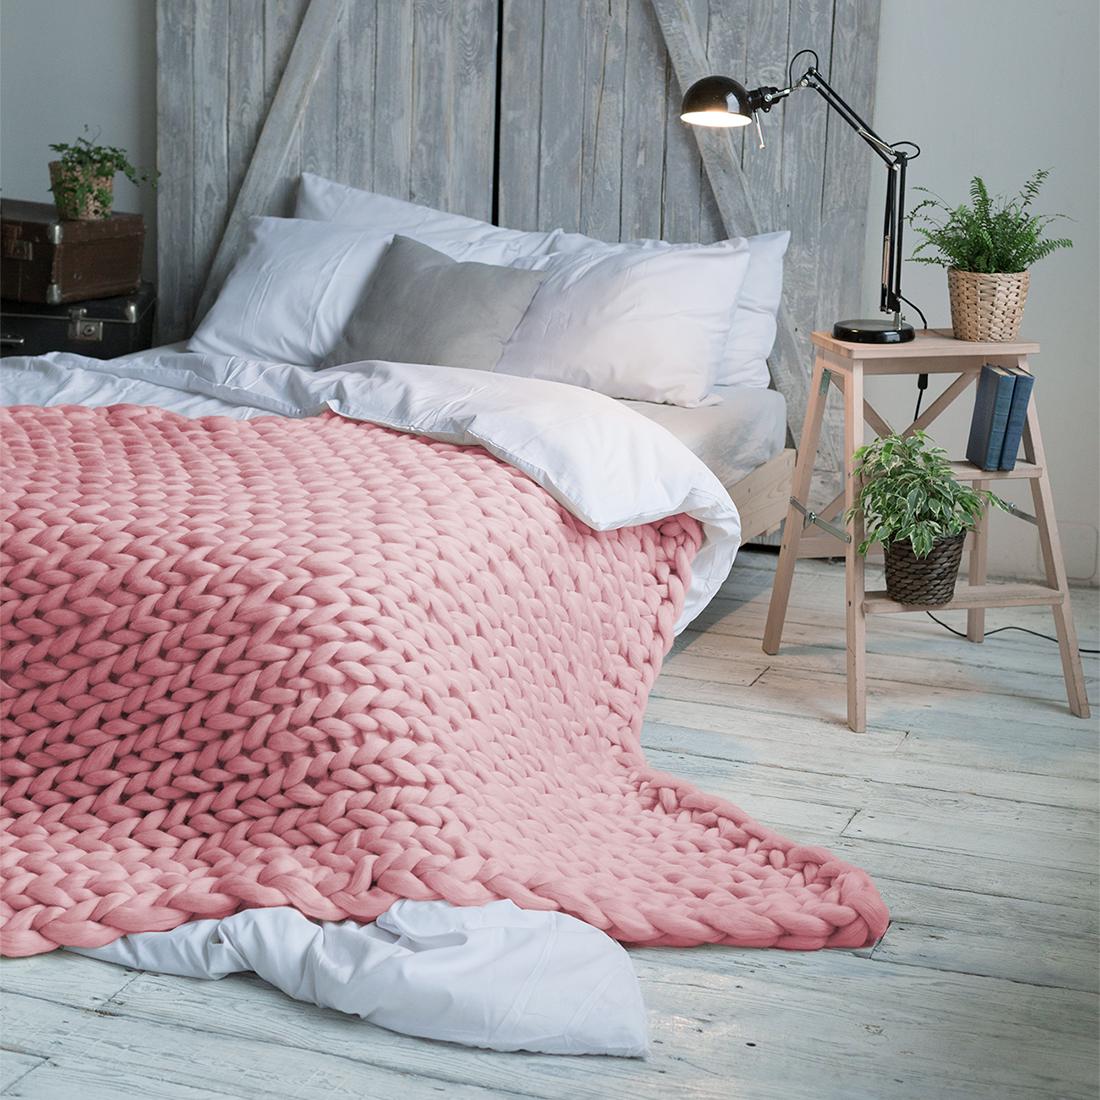 Плед Dome Hygge, цвет: светло-розовый, 120 см х 170 см покрывало на кресло les gobelins mexique 50 х 120 см